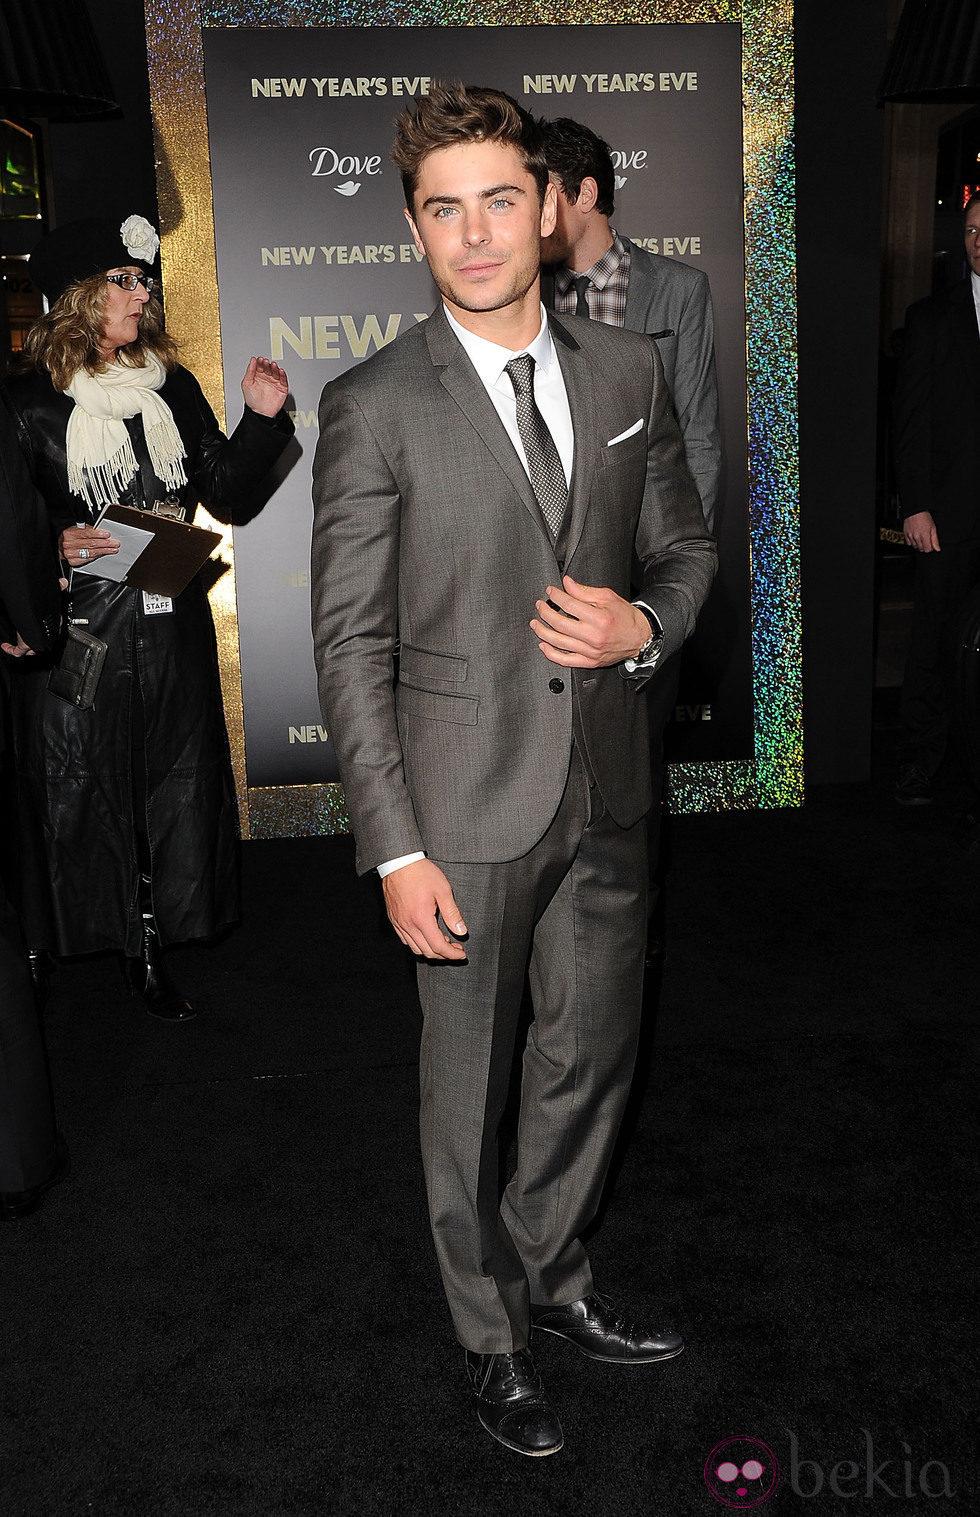 Zac Efron en el estreno de 'New Year's Eve' en Los Angeles